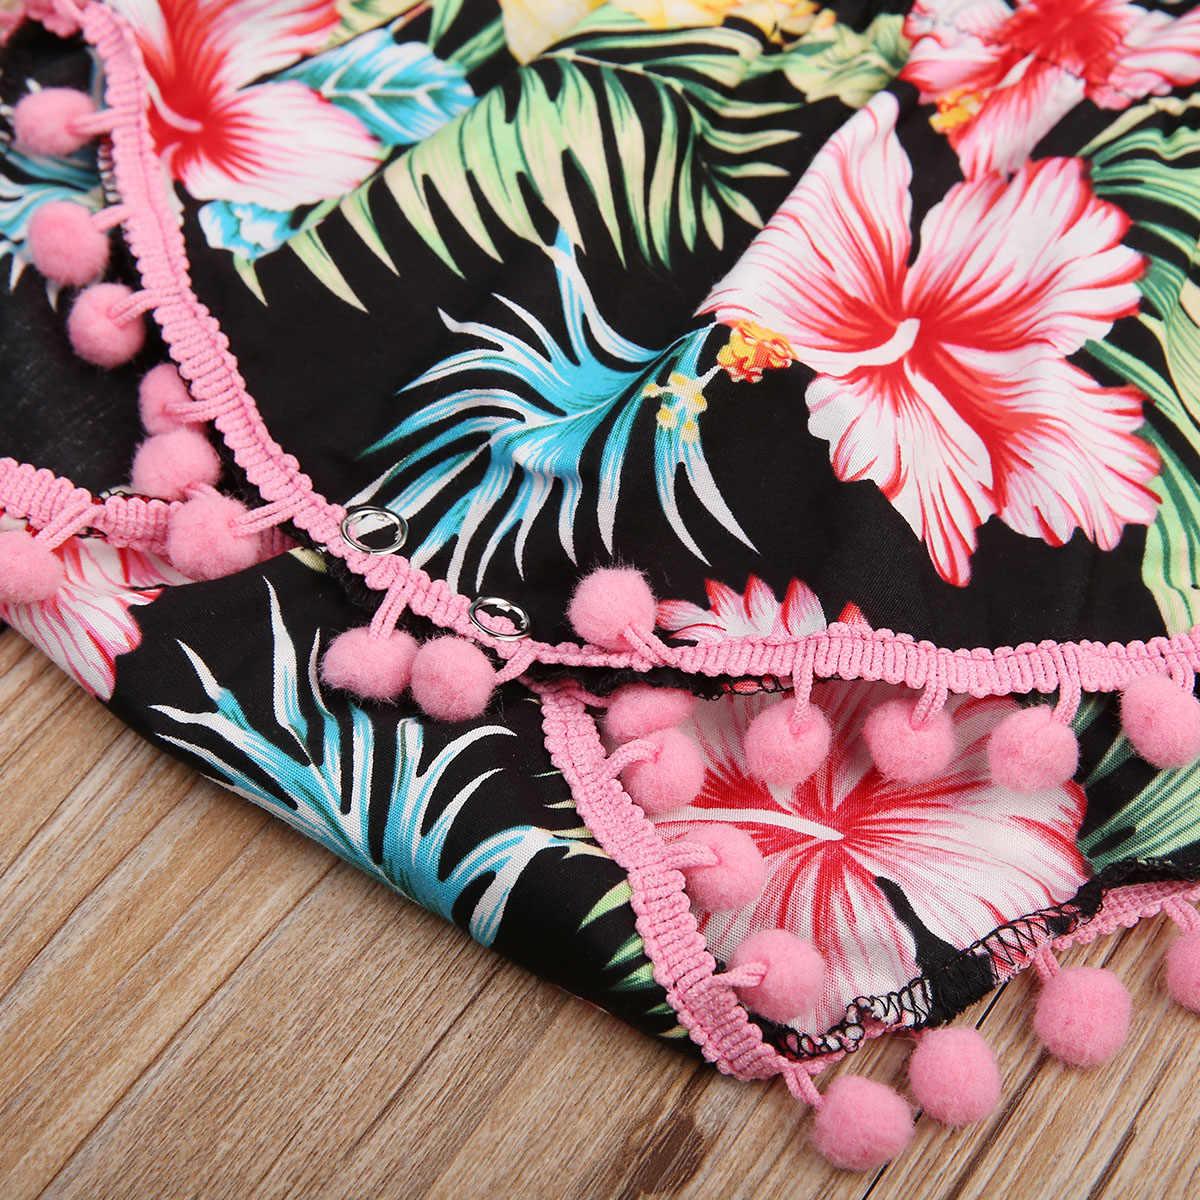 2 шт. pudcoco новорожденных для маленьких девочек Летняя мода черный цветок кисточкой О-образный воротник, без рукавов боди + повязка 0-24 м